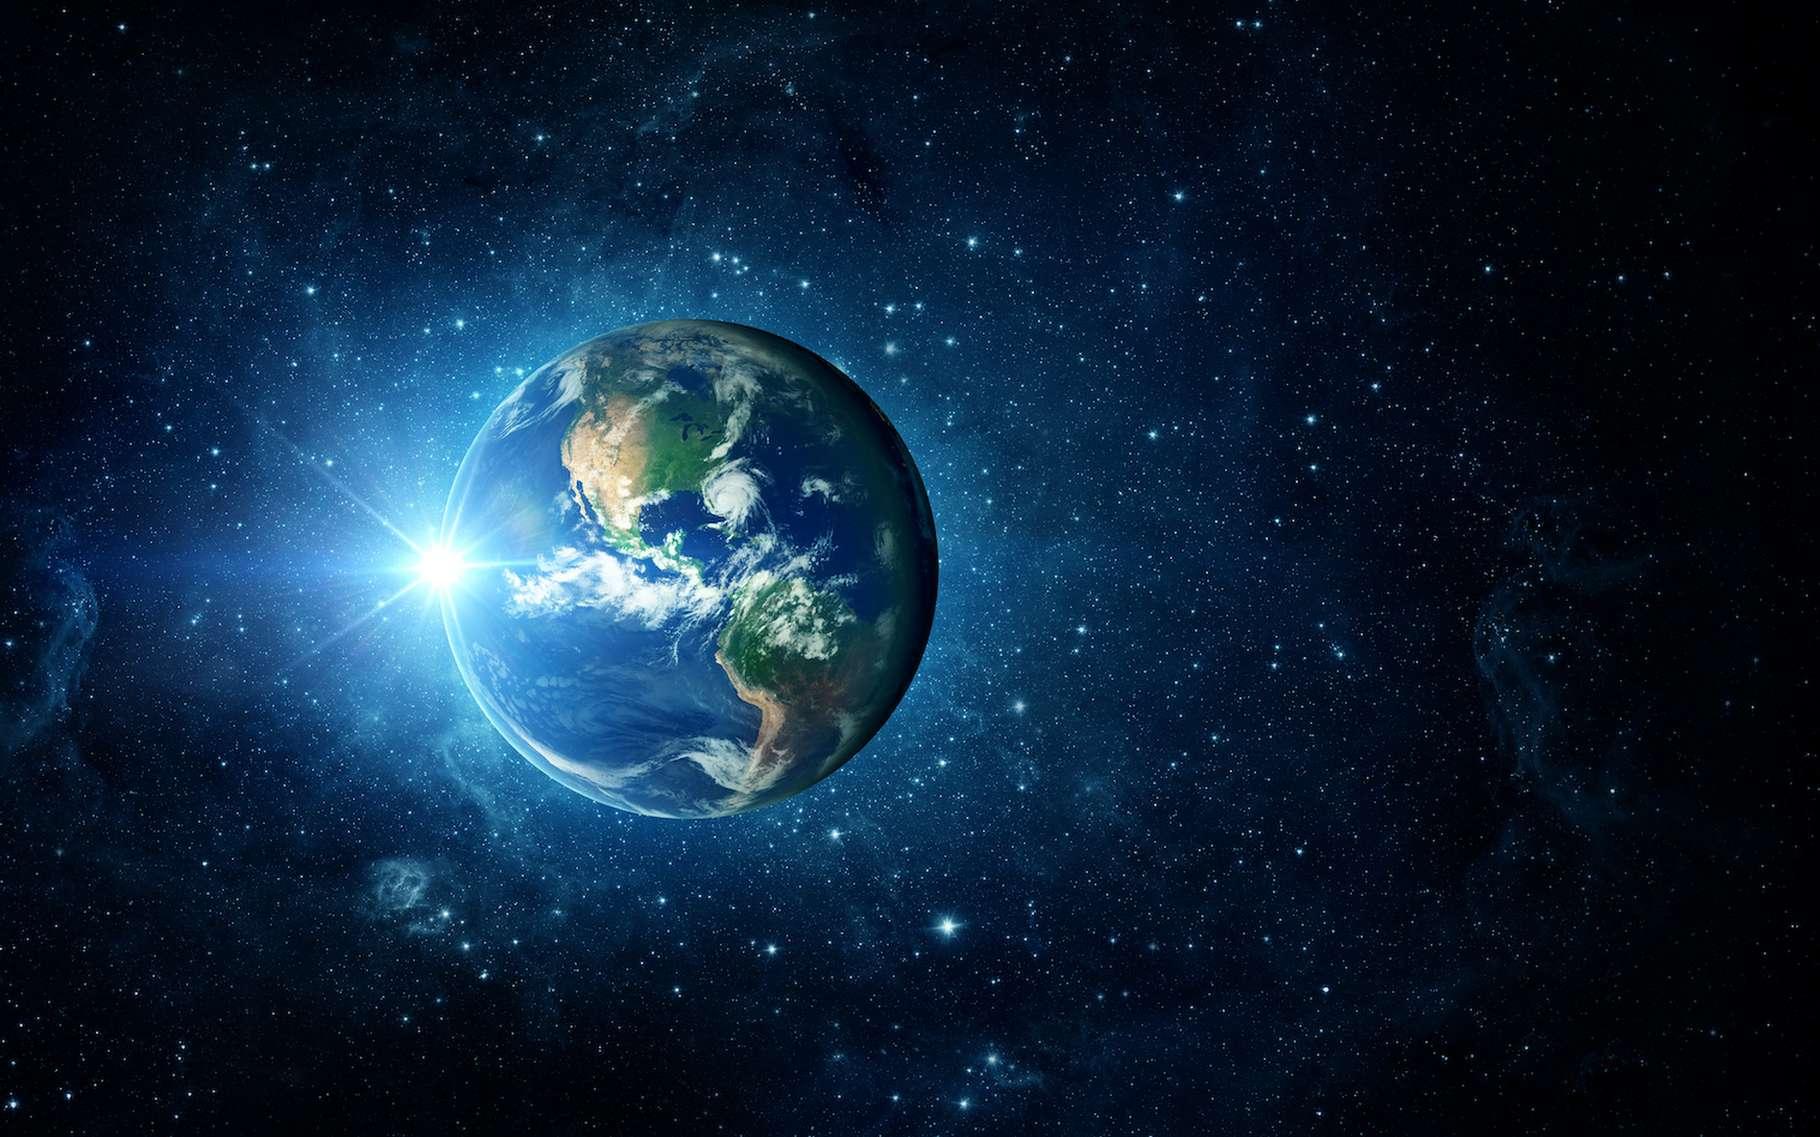 Une dynamique d'évolution de l'inclinaison de son axe de rotation plutôt douce offre à la Terre une certaine stabilité climatique naturelle propice au développement d'une forme de vie complexe. © Tryfonov, Adobe Stock